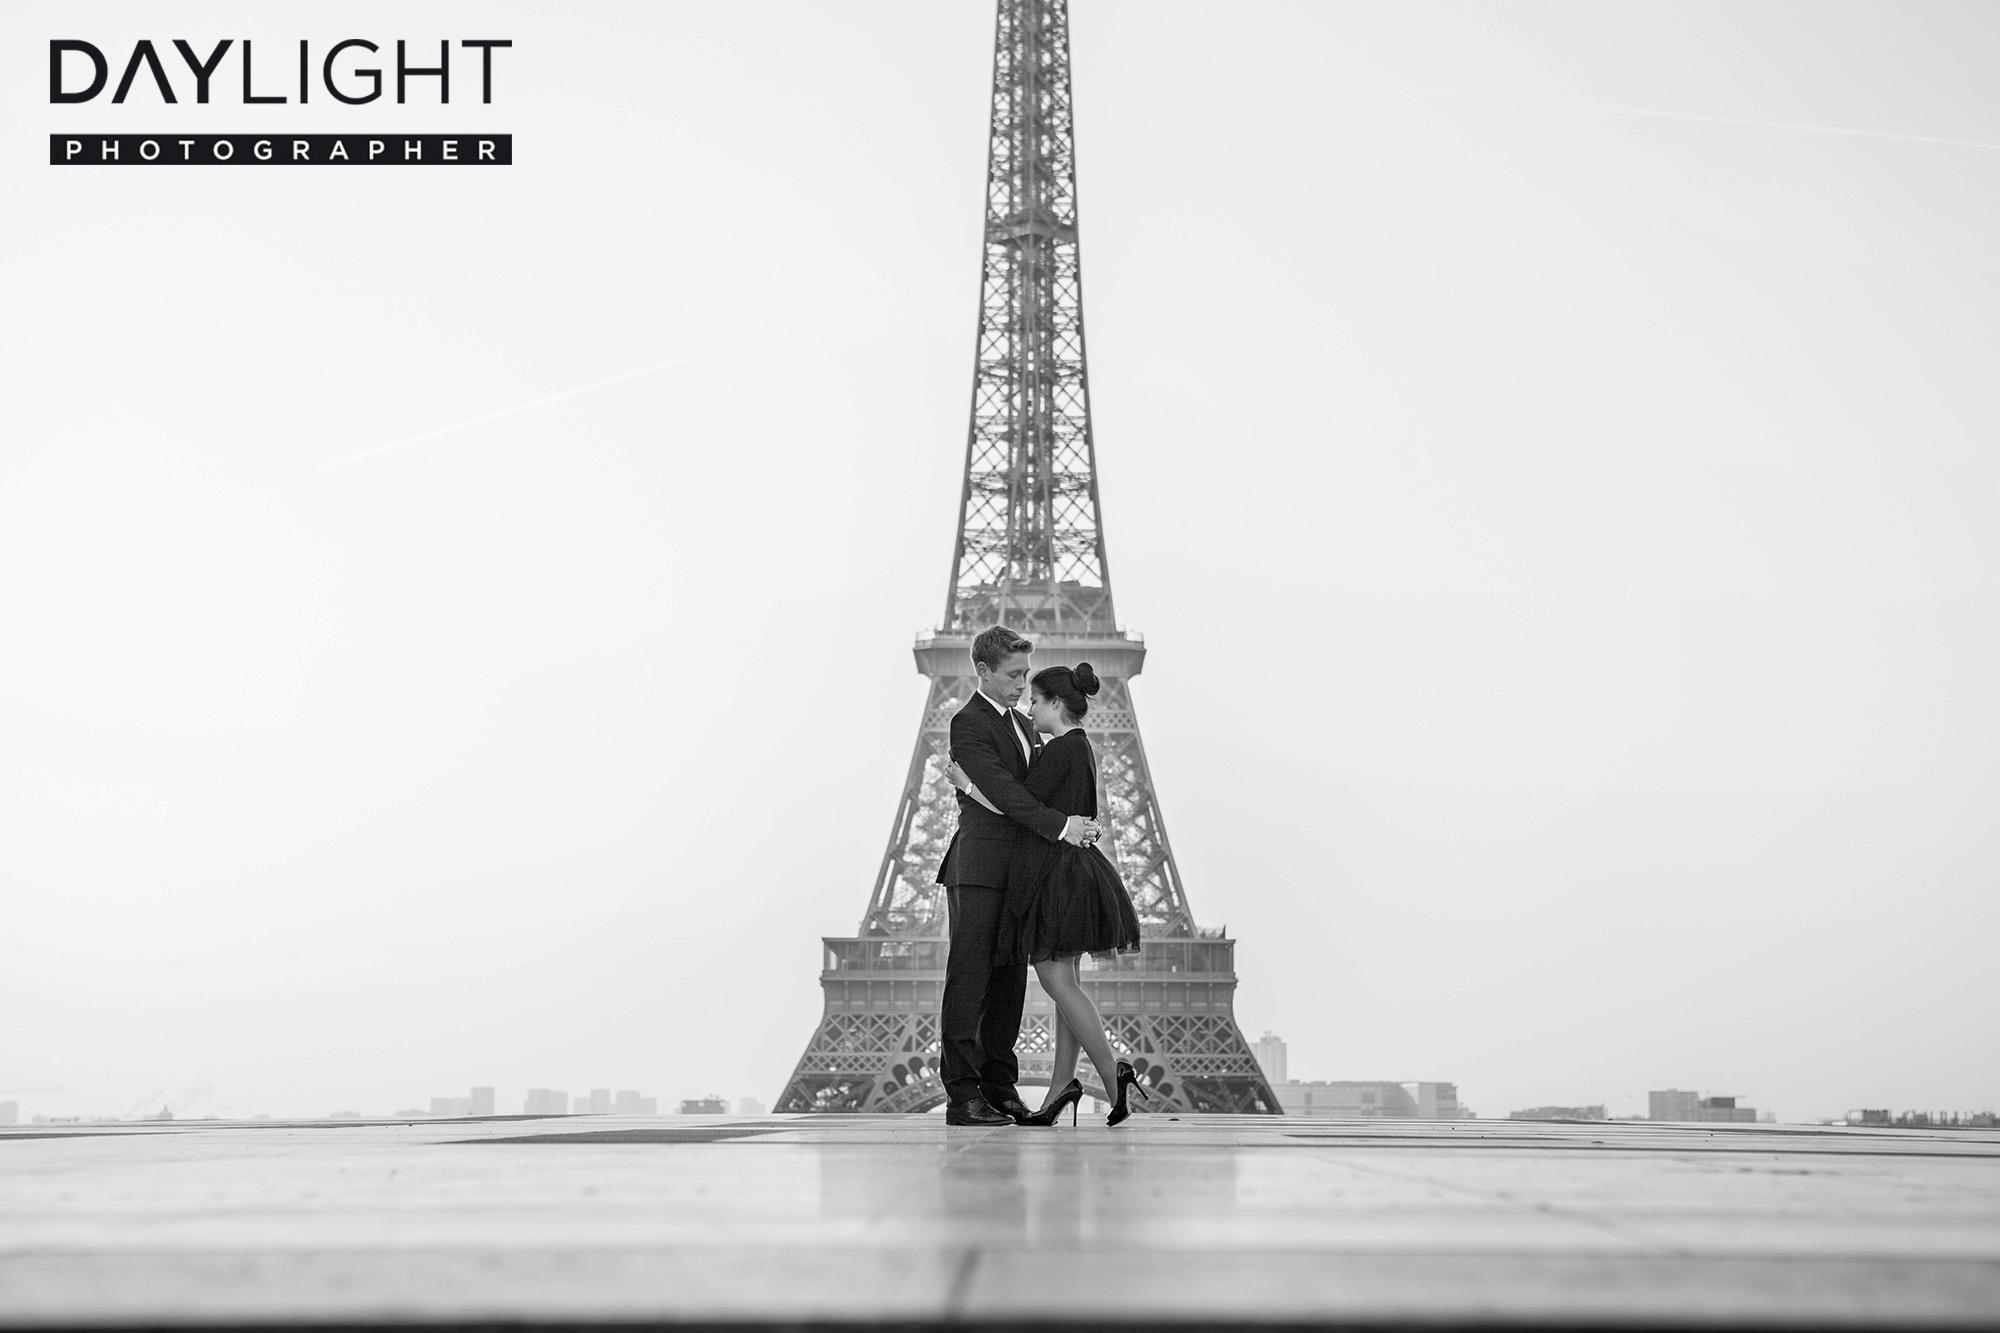 eiffelturm Wie schön ist es doch Fotograf in Paris zu sein